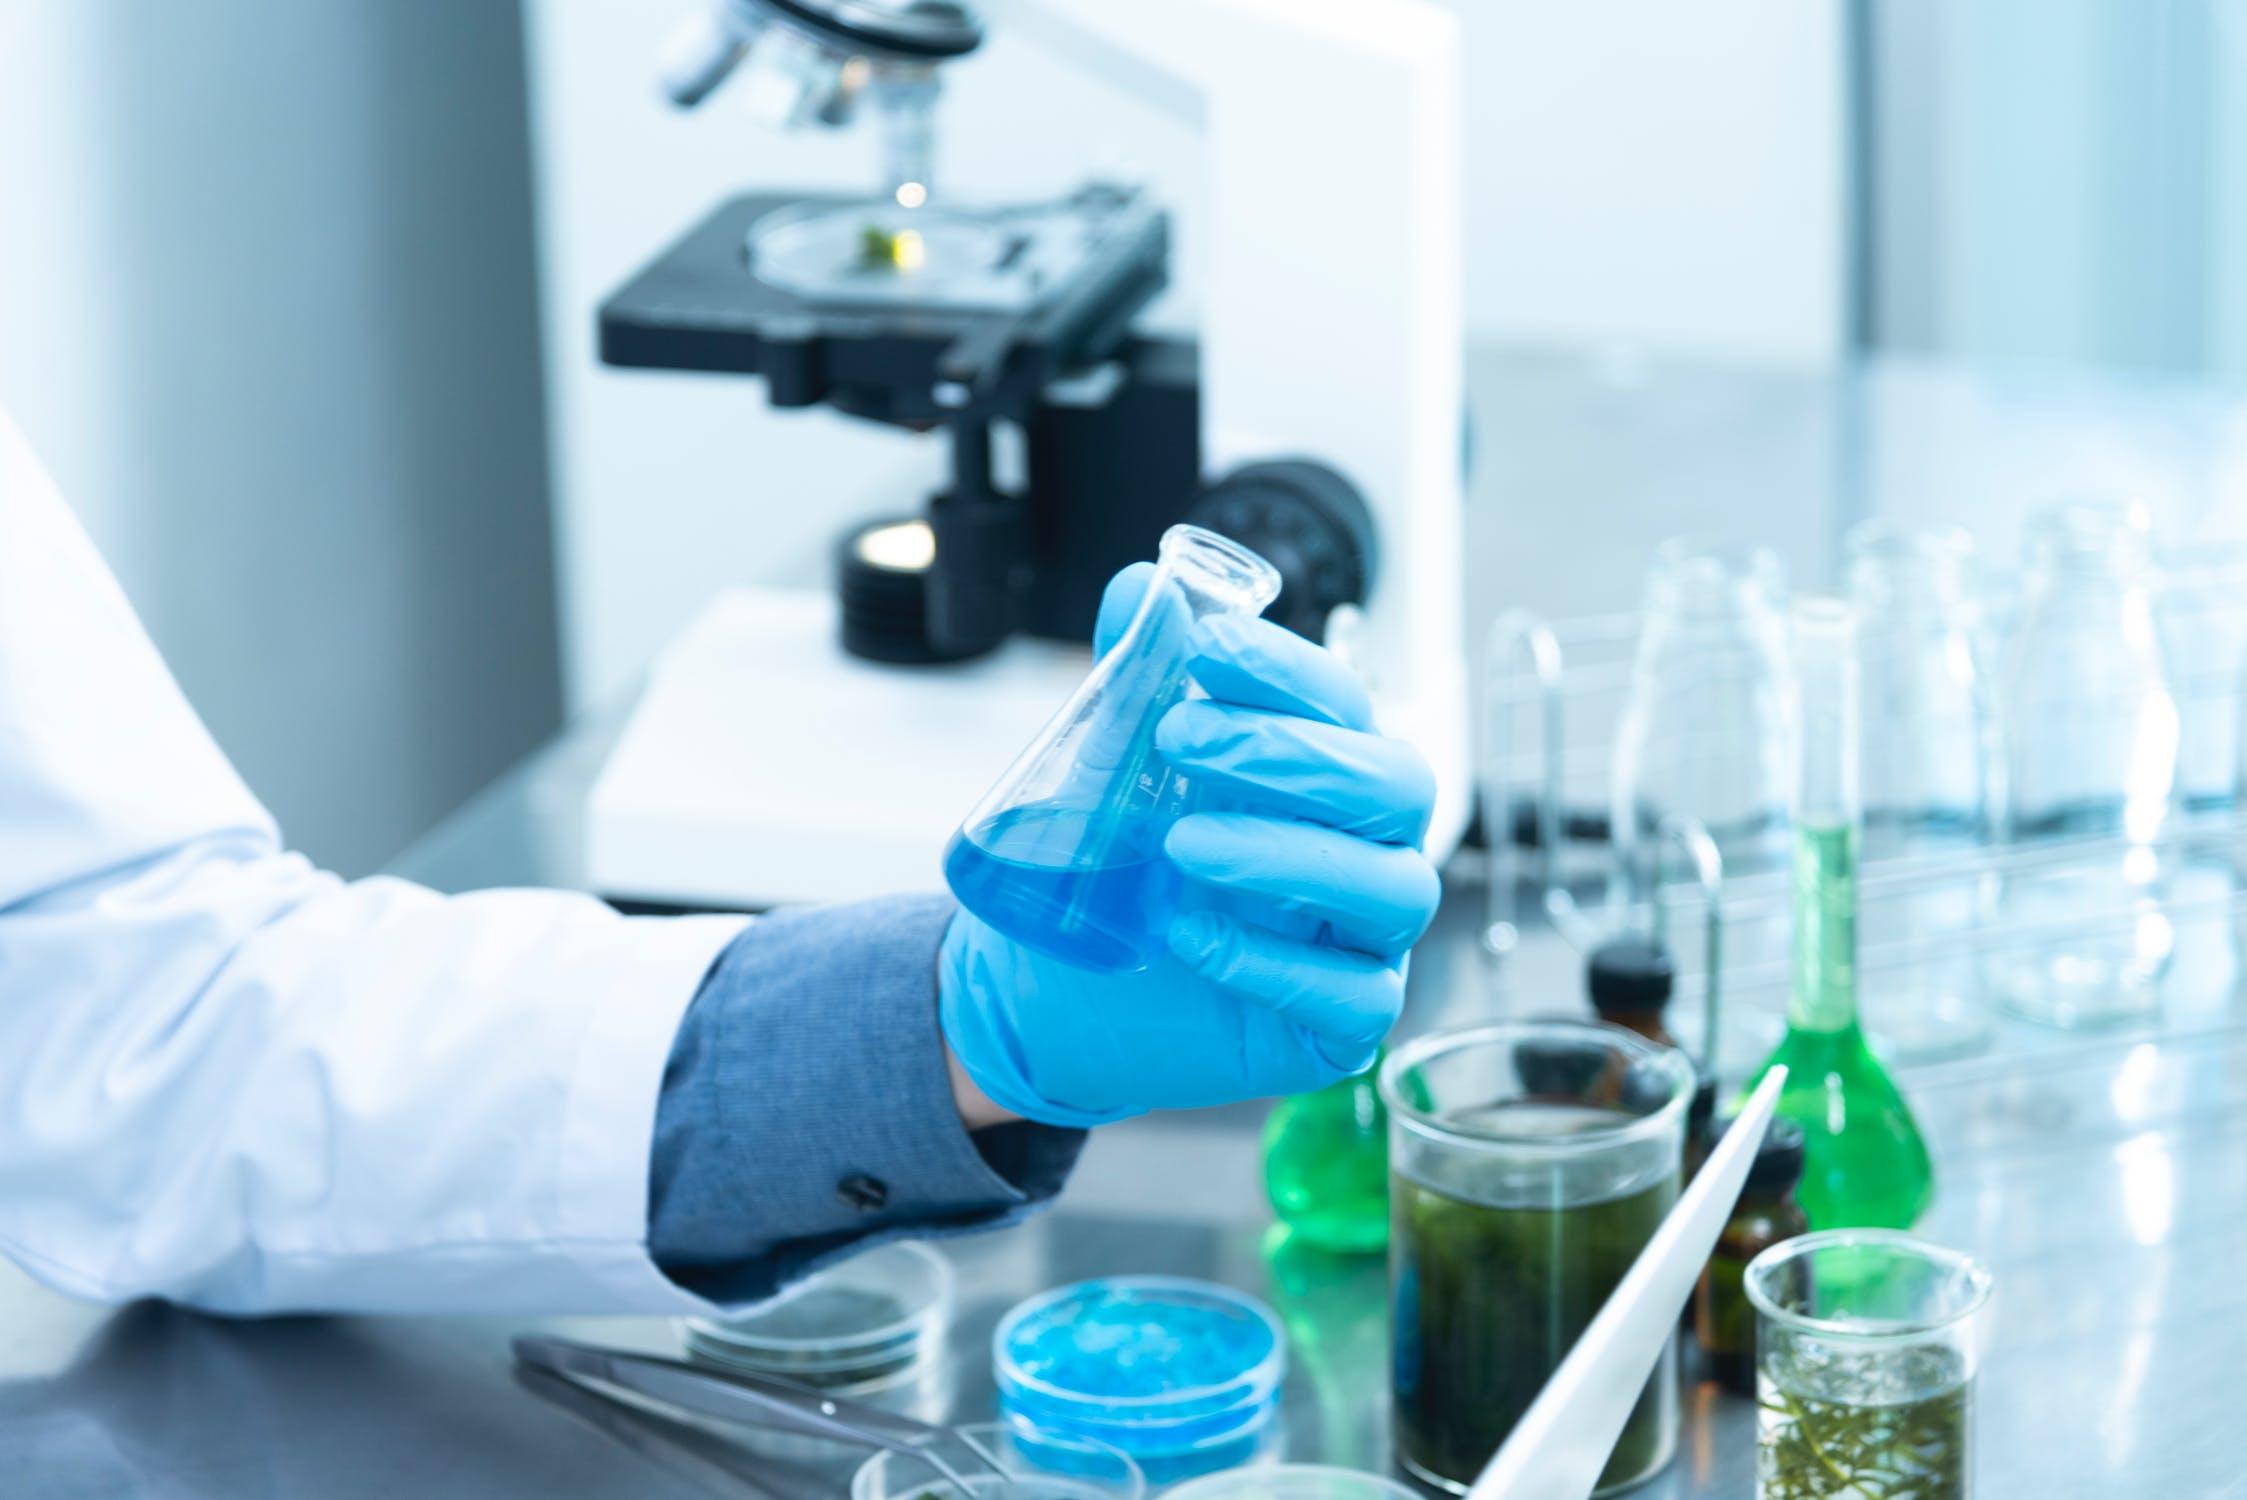 EpiBaza – narzędzie do gromadzenia danych laboratoryjnych dla systemu bezpieczeństwa żywności i kraju